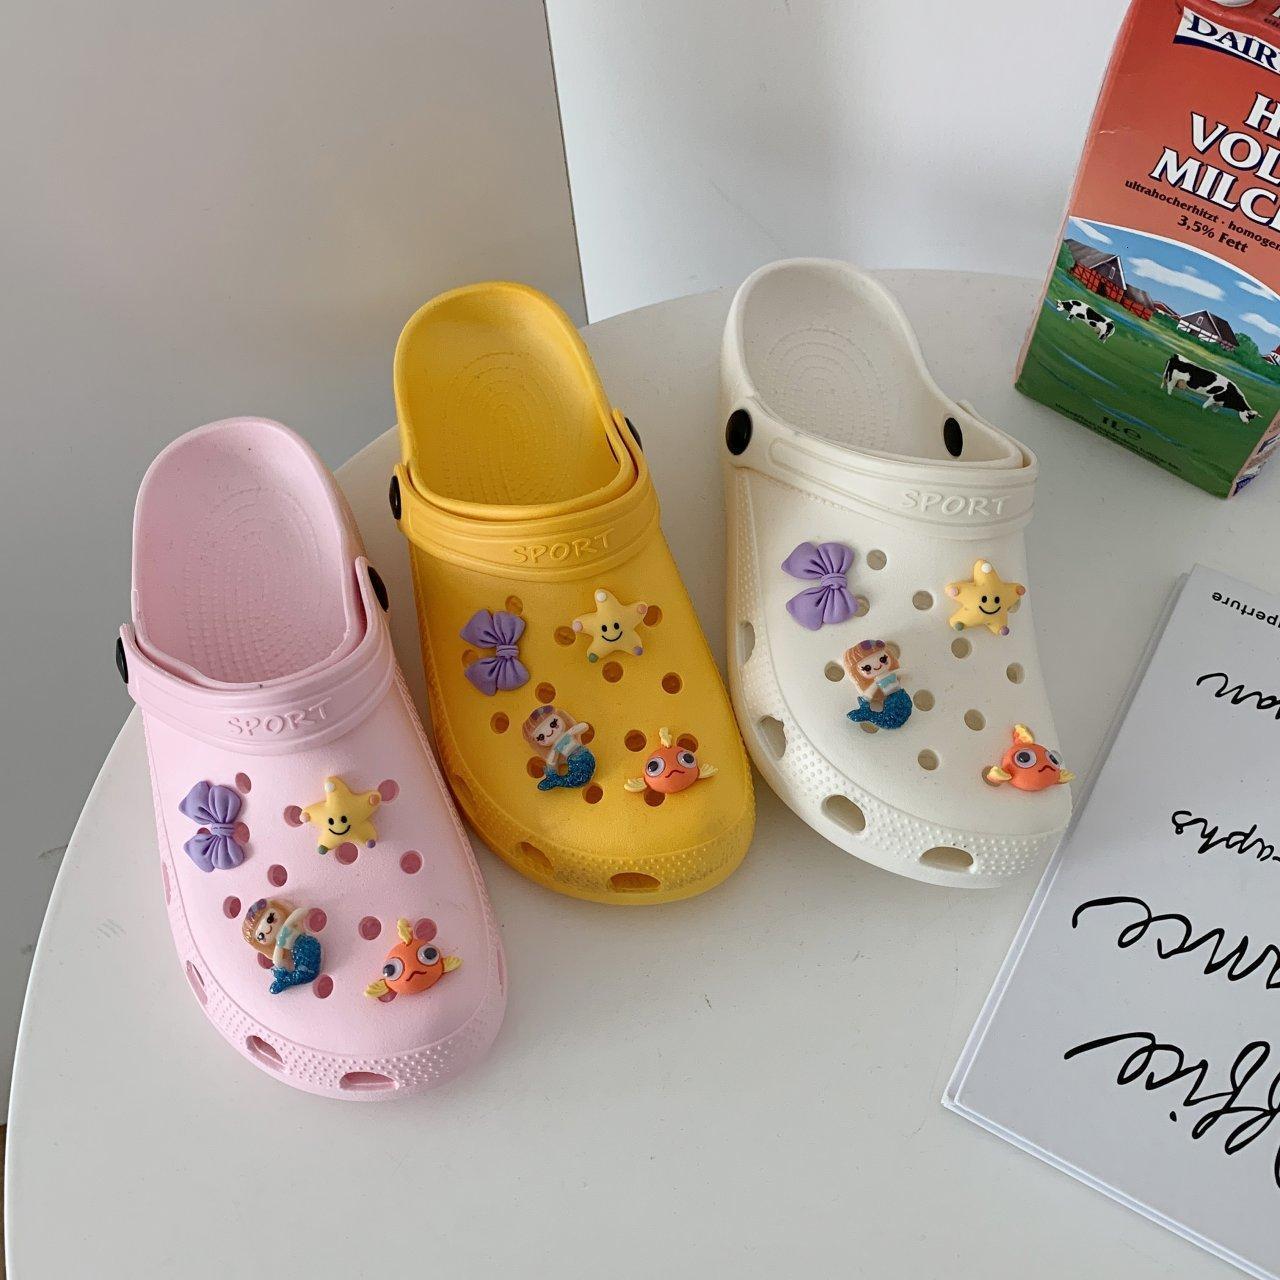 Sandalet 2021 Klasik Bahçede Kayma Kıçları Ayakkabı Kadınlar Hızlı Kurutma Yaz Plaj Terlik Nefes Açık Platformu Z31A